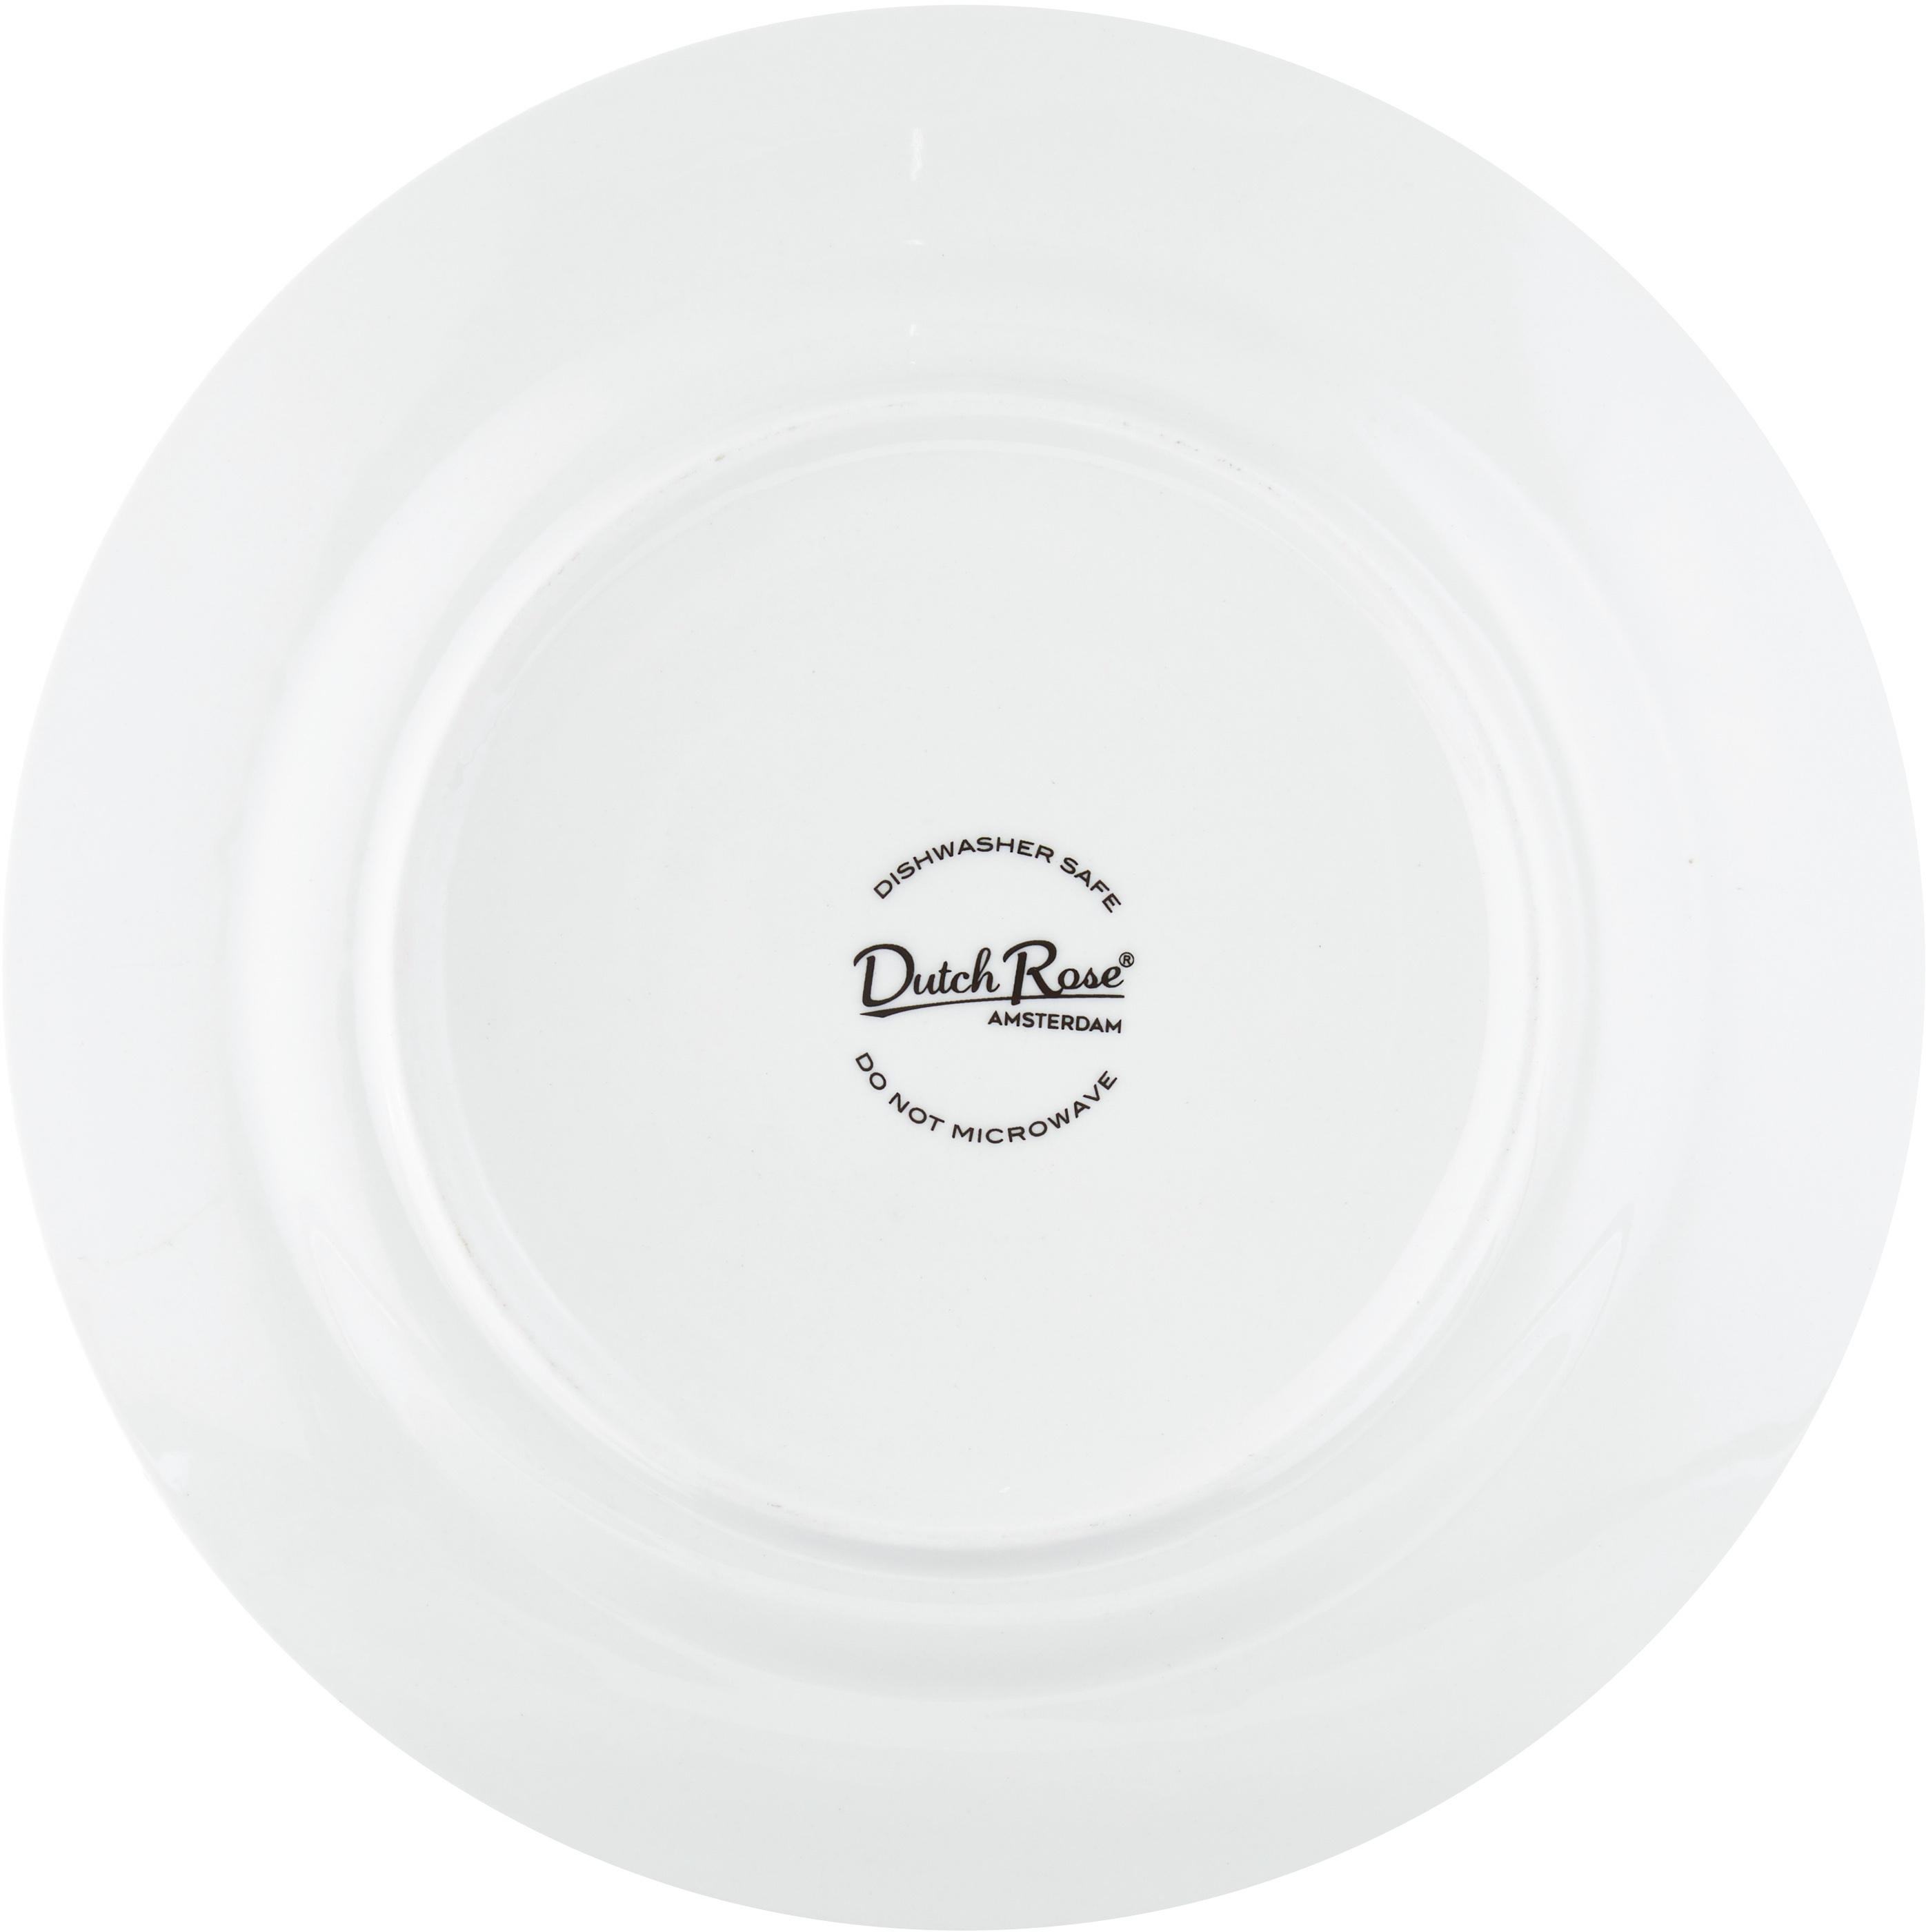 Assiette à dessert Pluto Loft, 4pièces, Noir, blanc, couleur dorée